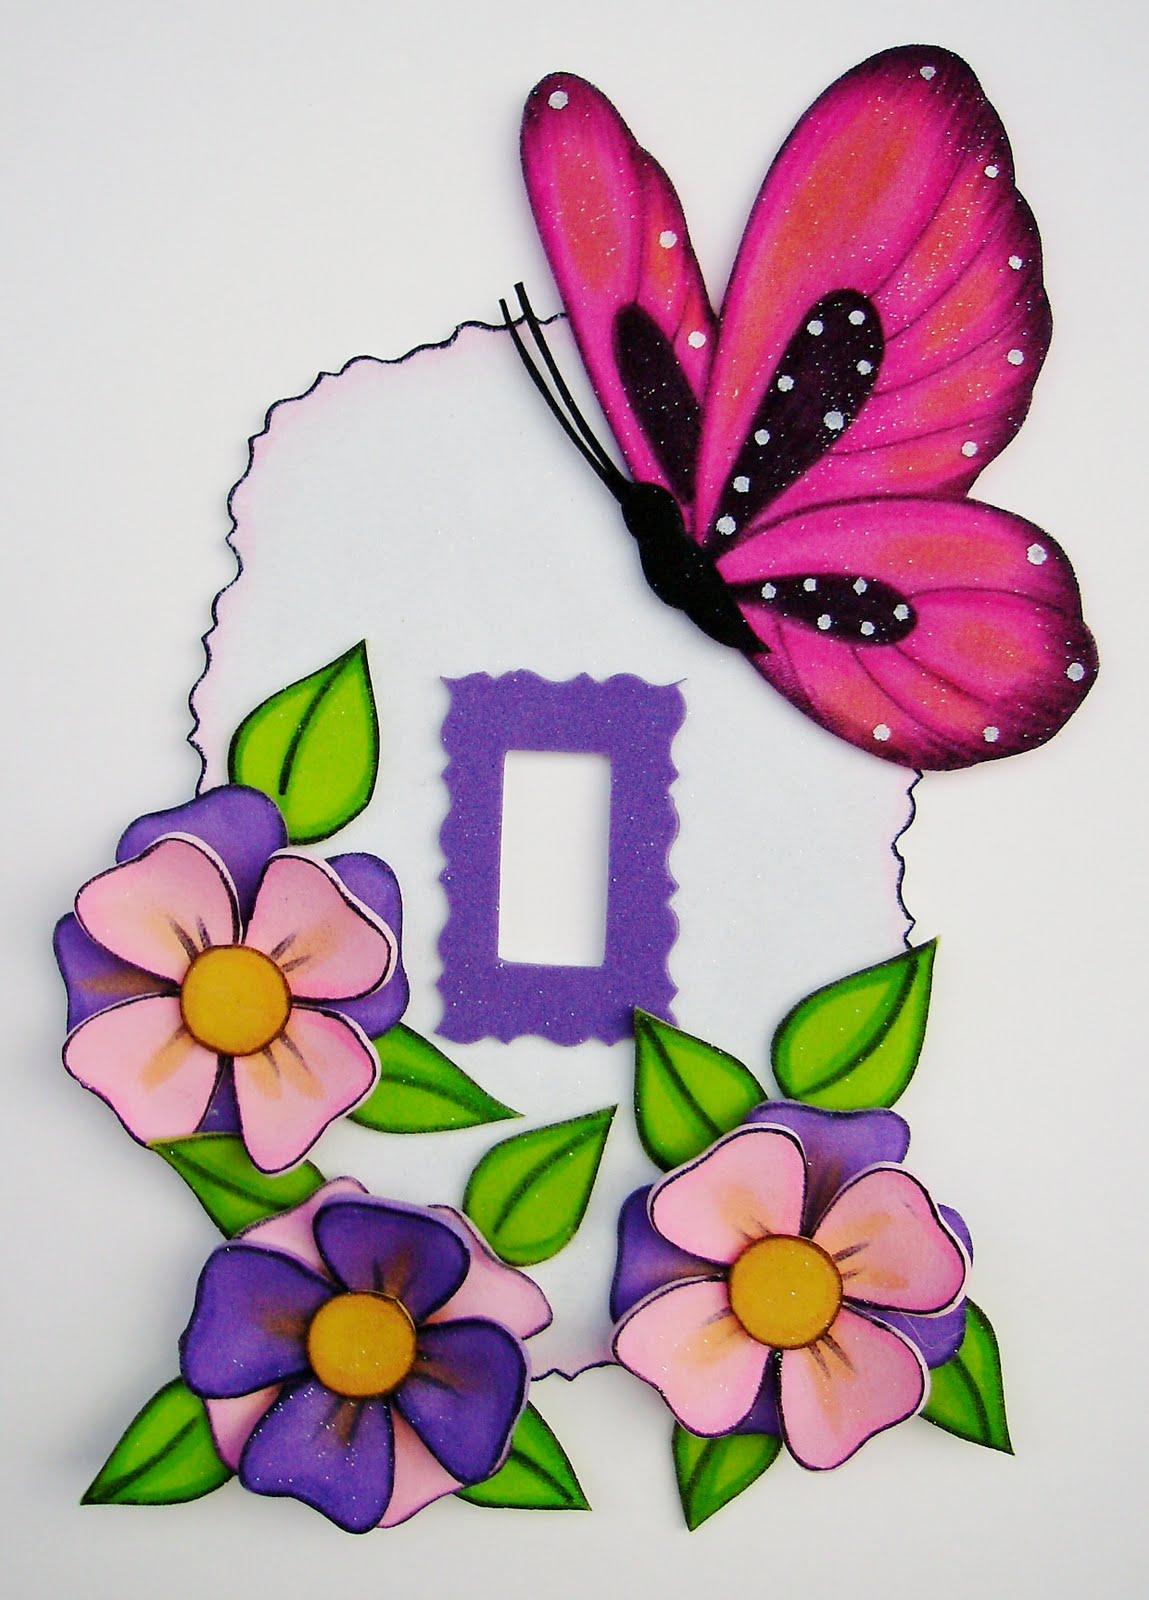 Imagenes De Baño En Foami: modelos de cotillones serie de mariposas serie de mariposas en trébol